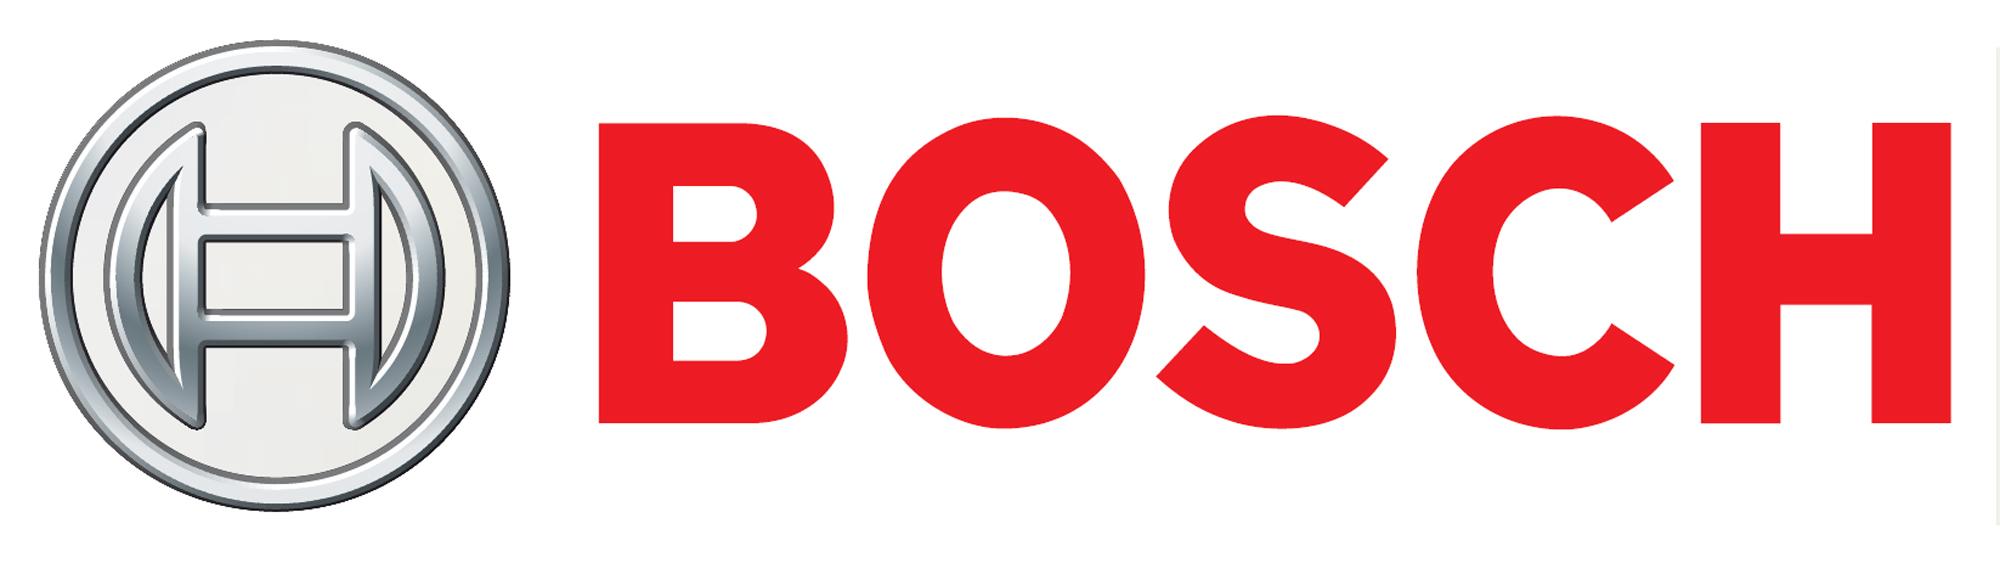 Bosch to launch autonomous driving tech